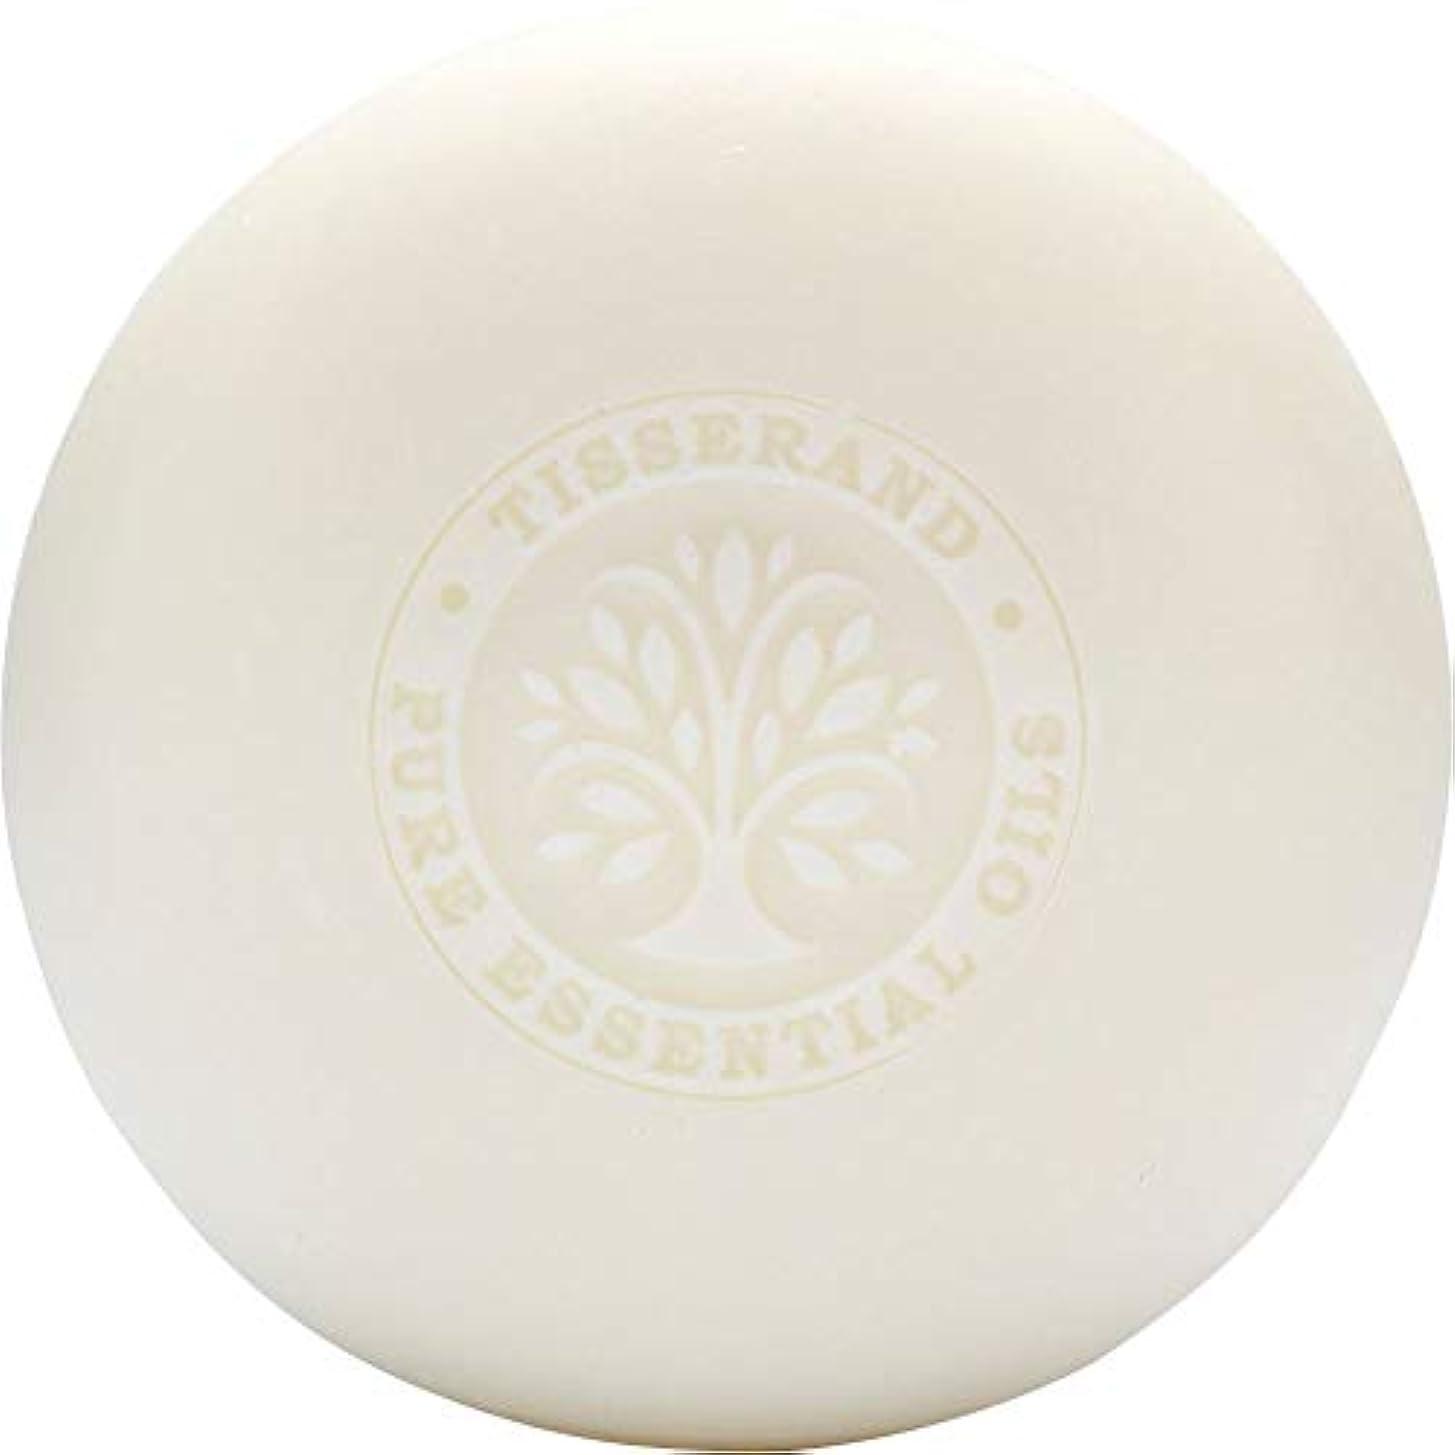 元の忌み嫌う削減[Tisserand] ティスランドローズ&ゼラニウムの葉石鹸100グラム - Tisserand Rose & Geranium Leaf Soap 100g [並行輸入品]